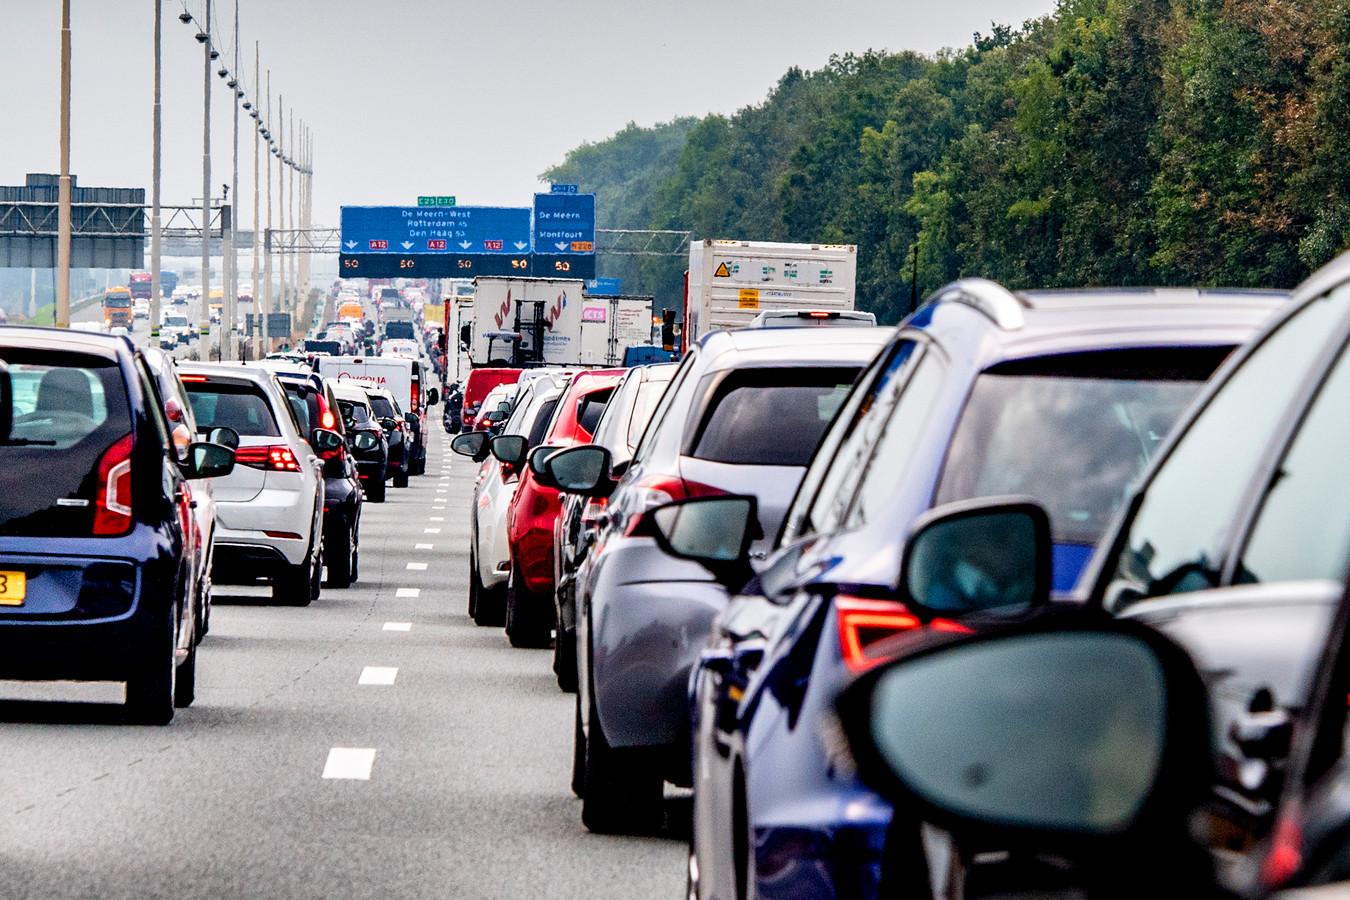 Woensdagochtend gaf een ander beeld; ditmaal géén file op de A12 rond Arnhem.